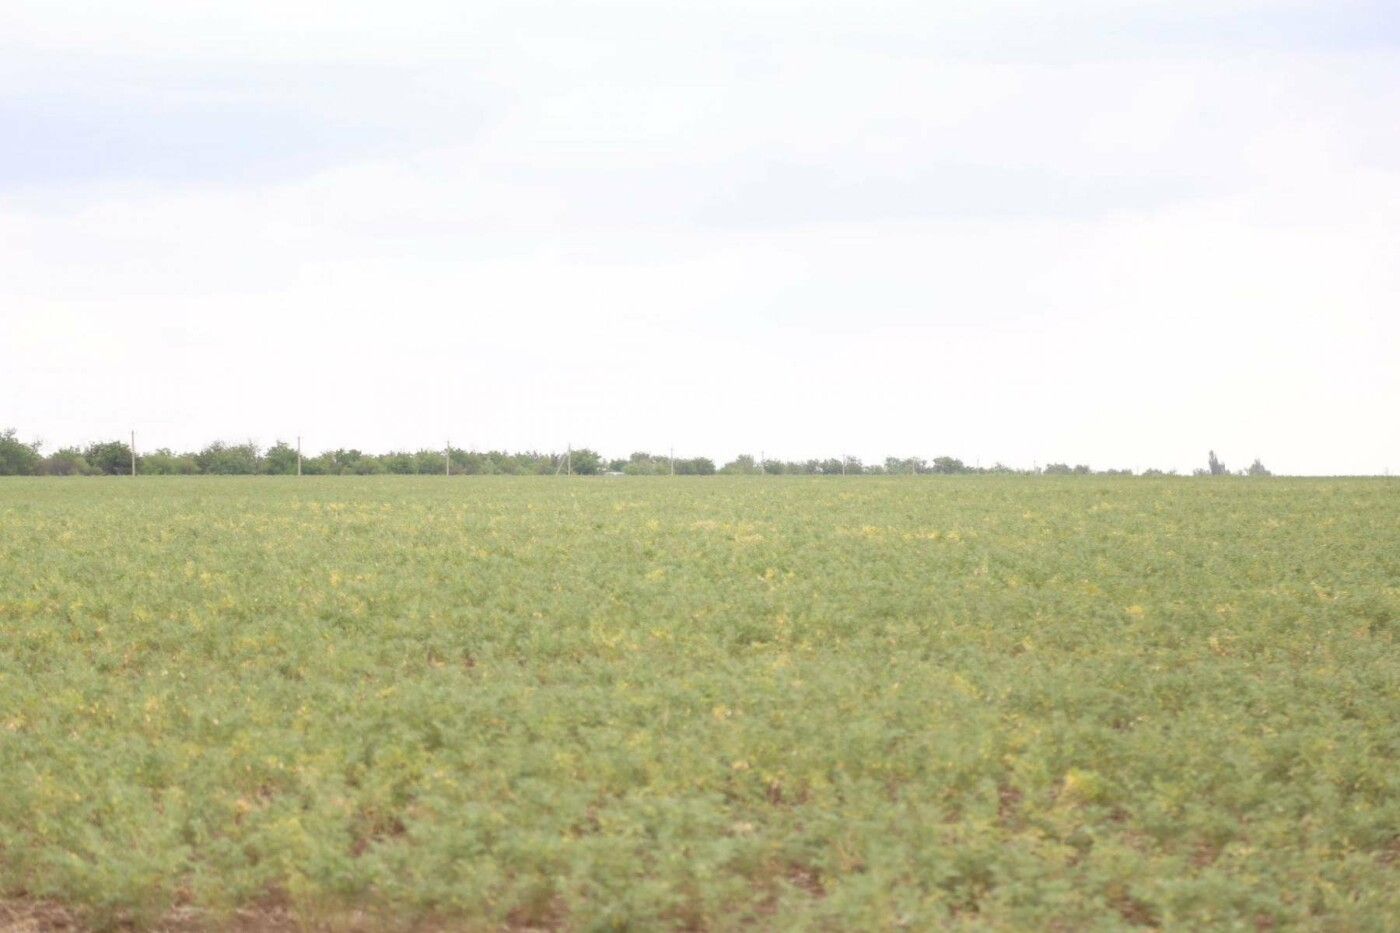 Из-за засухи в Крыму придумали пшеницу, которая растет без воды (ФОТО), фото-3